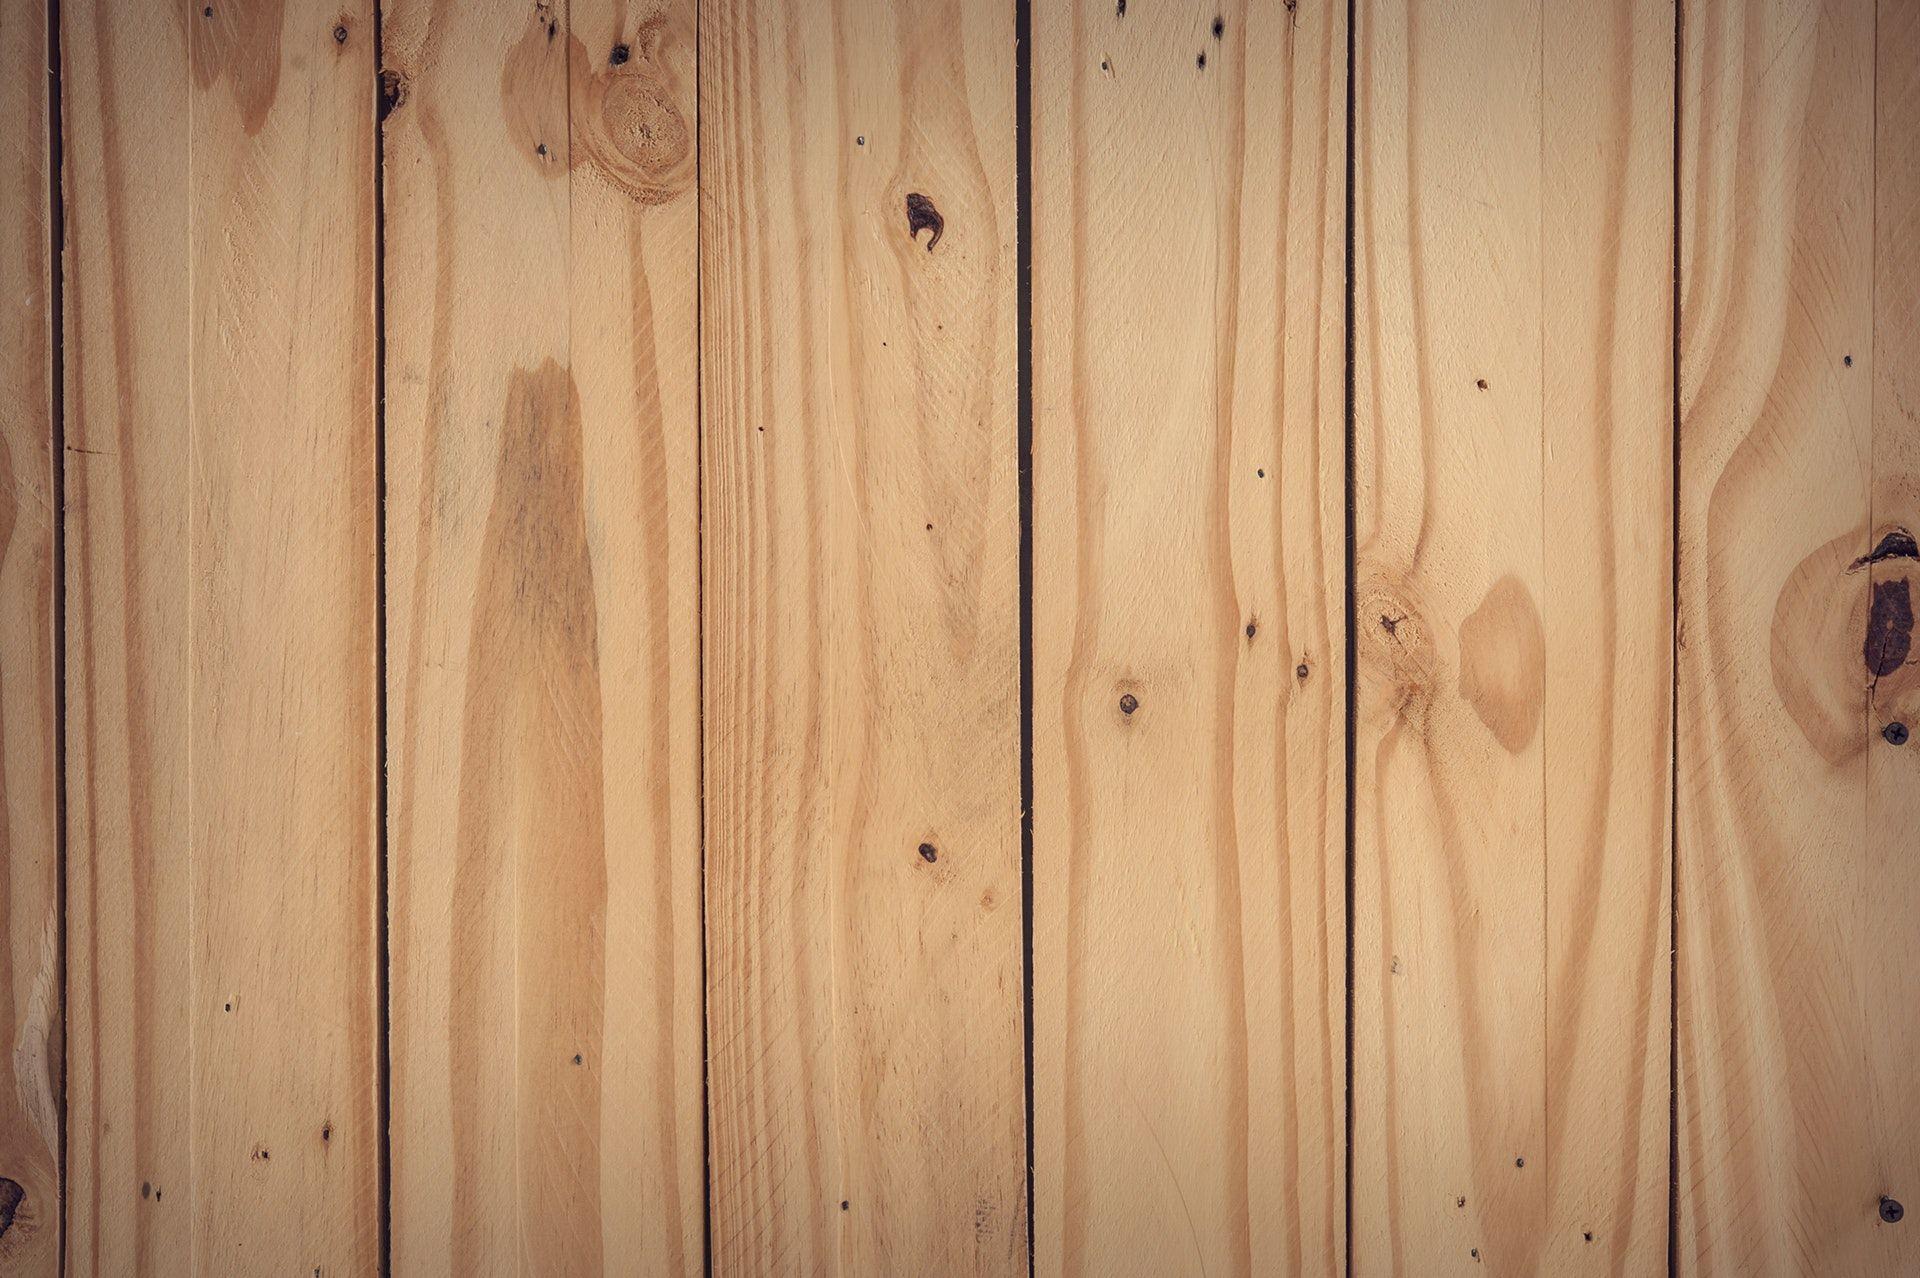 عکس زمینه طرح چوبی ساده و روشن پس زمینه